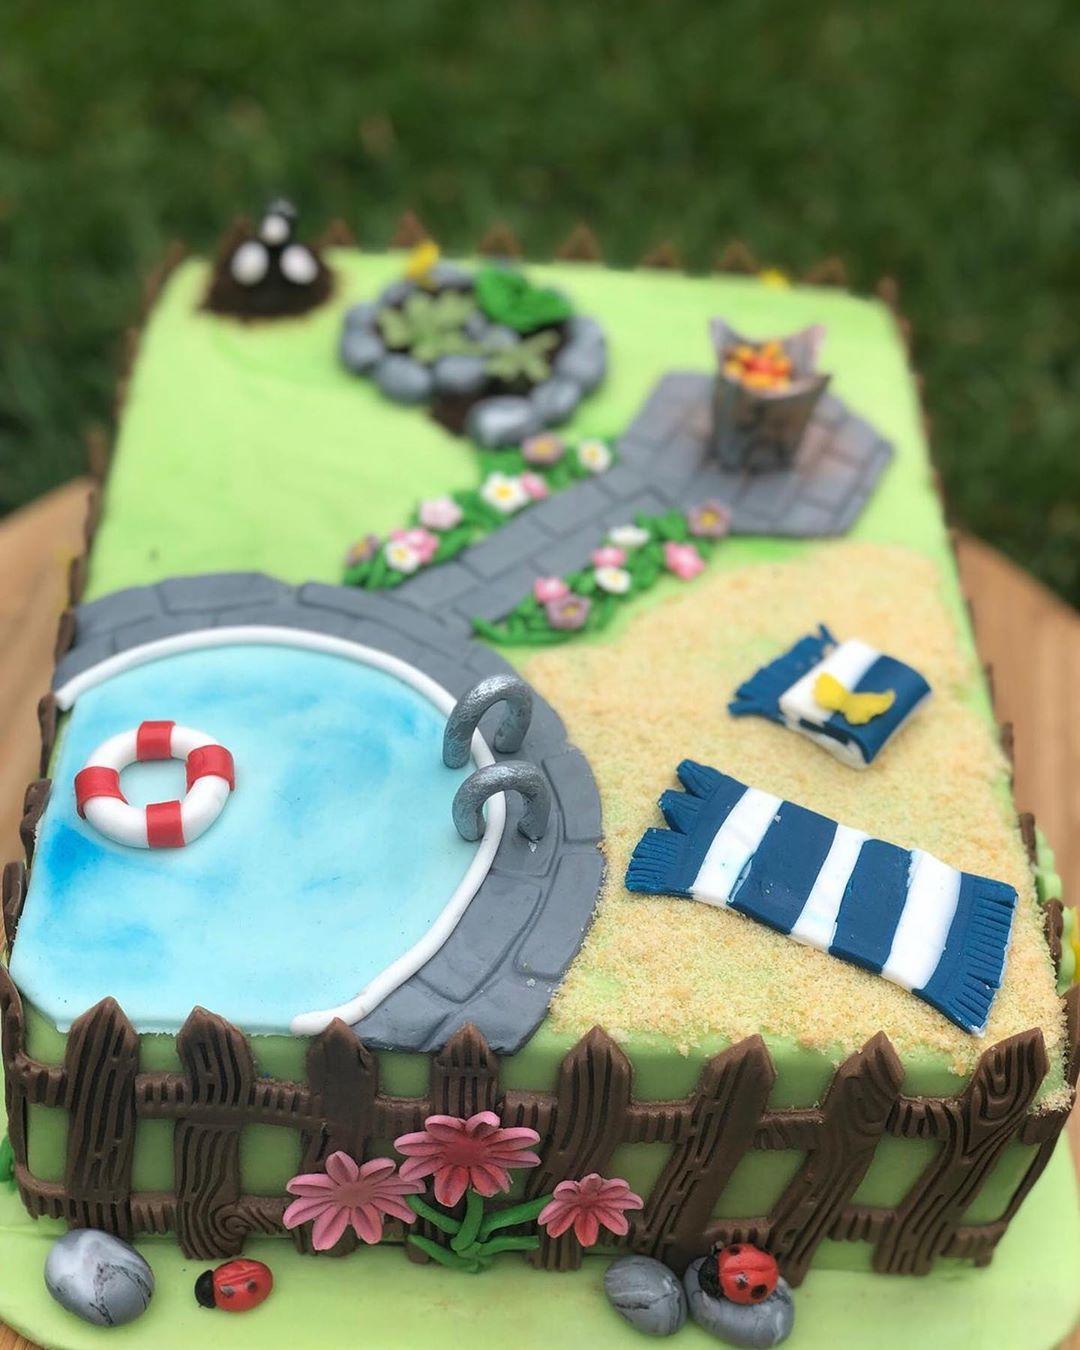 Eine Garten Torte Fur Die Liebe Juttanientiedt Niraksmagiccake Motivtorte Motivtortenwelt Motivtortenliebe Self Kuchen Bilder Motivtorte Geburtstagstorte